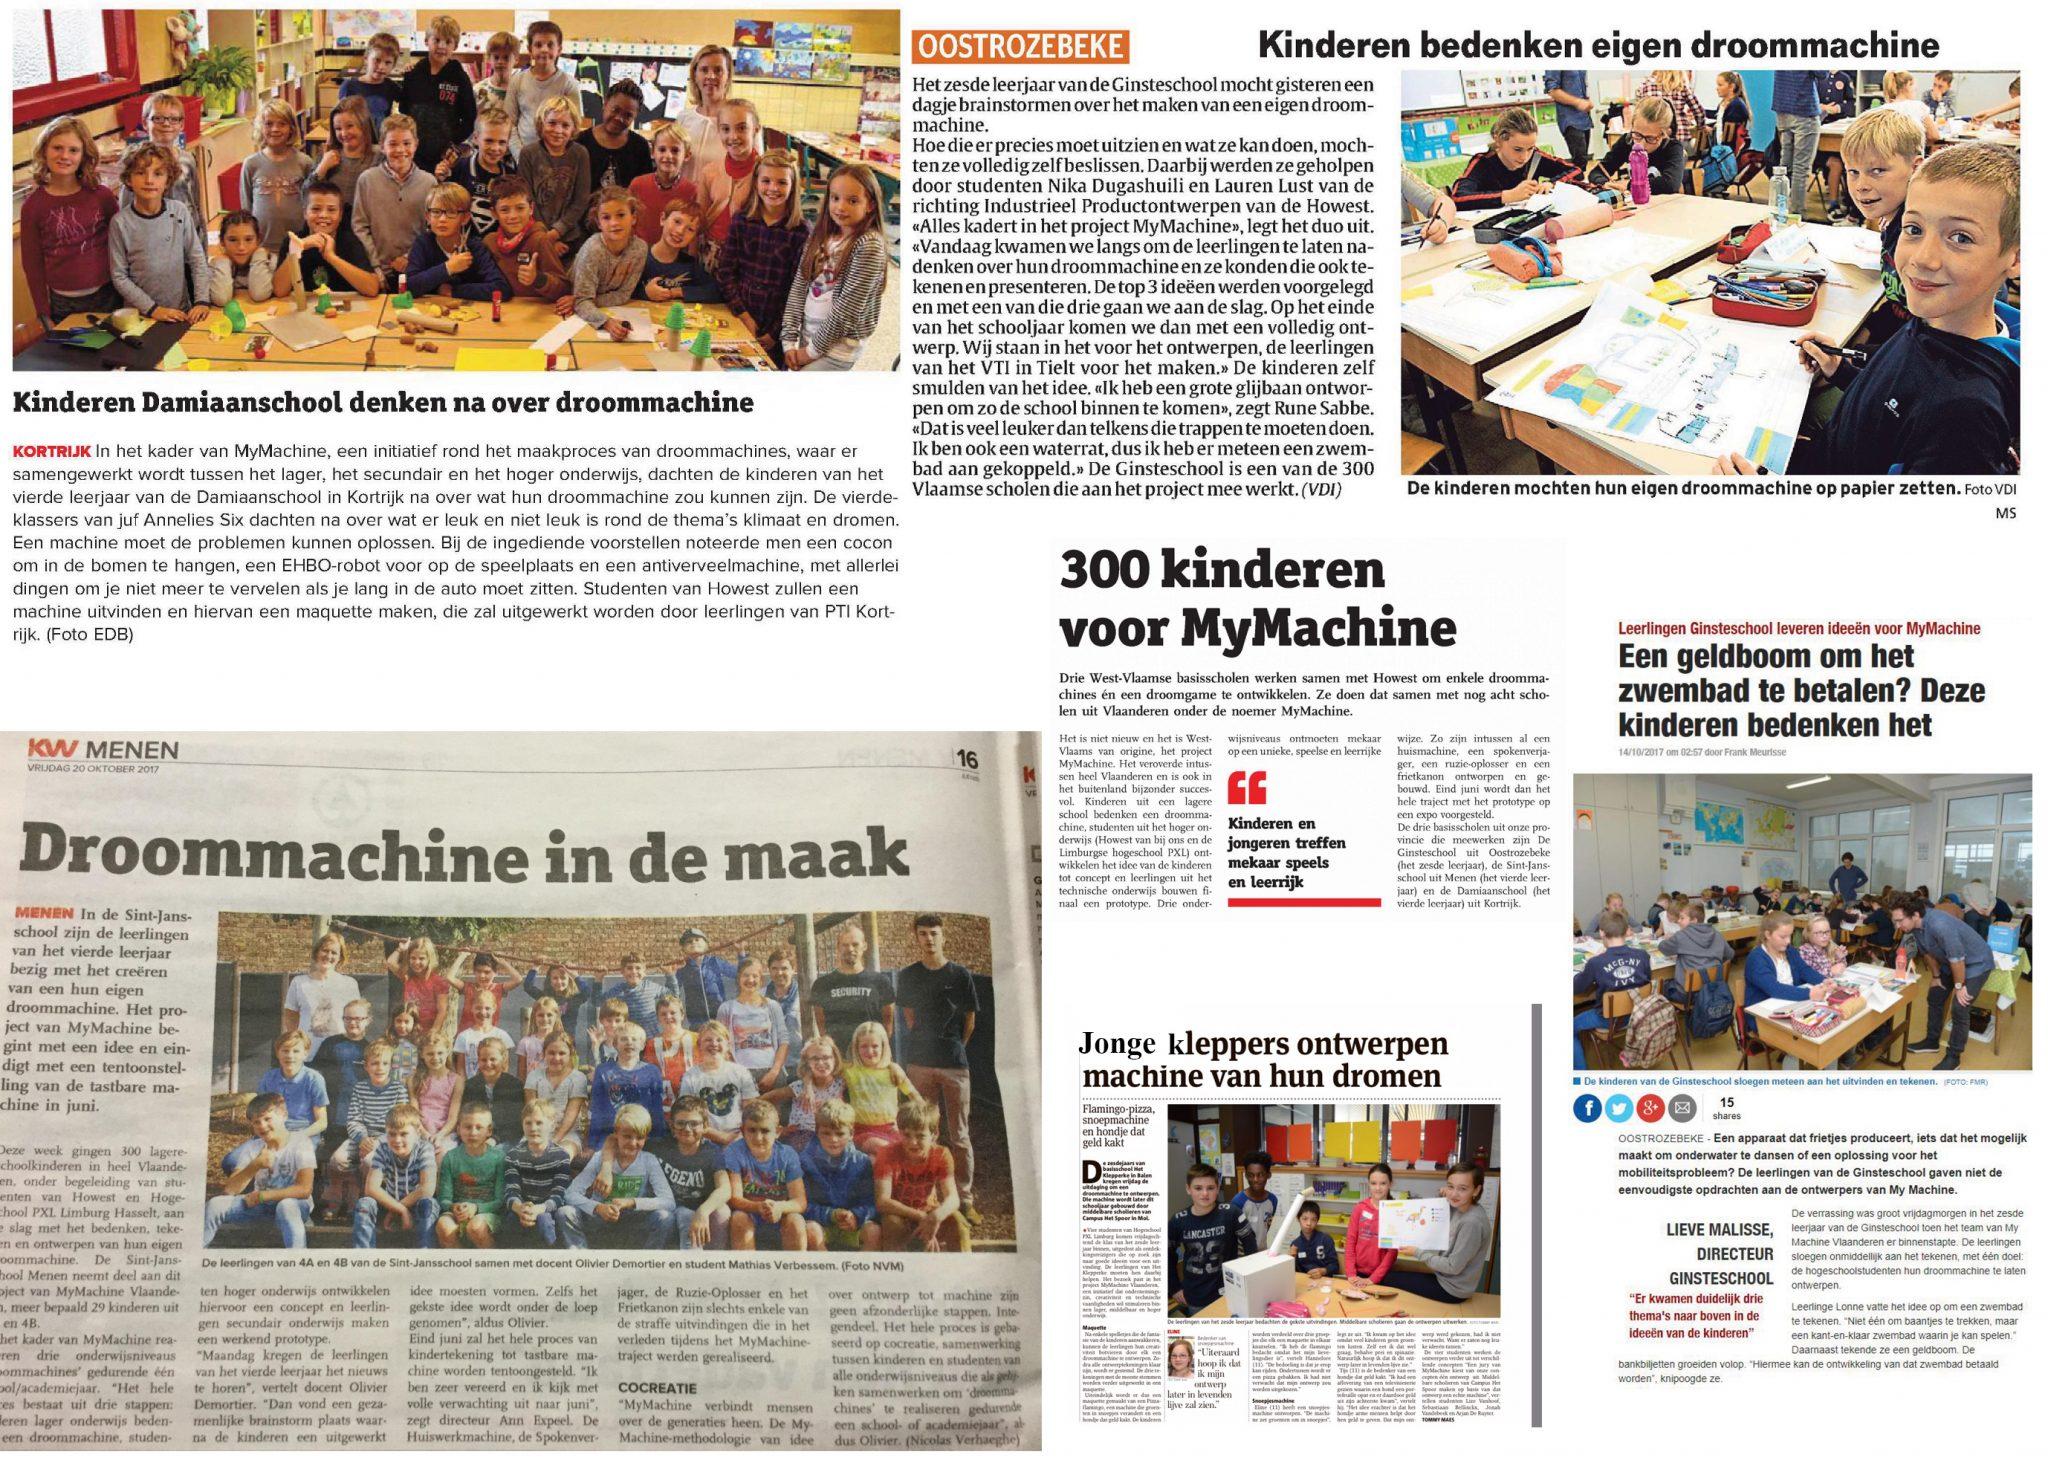 300 kinderen geven hogeschoolstudenten een onmogelijke opdracht:  'Ontwerp mijn droommachine'!